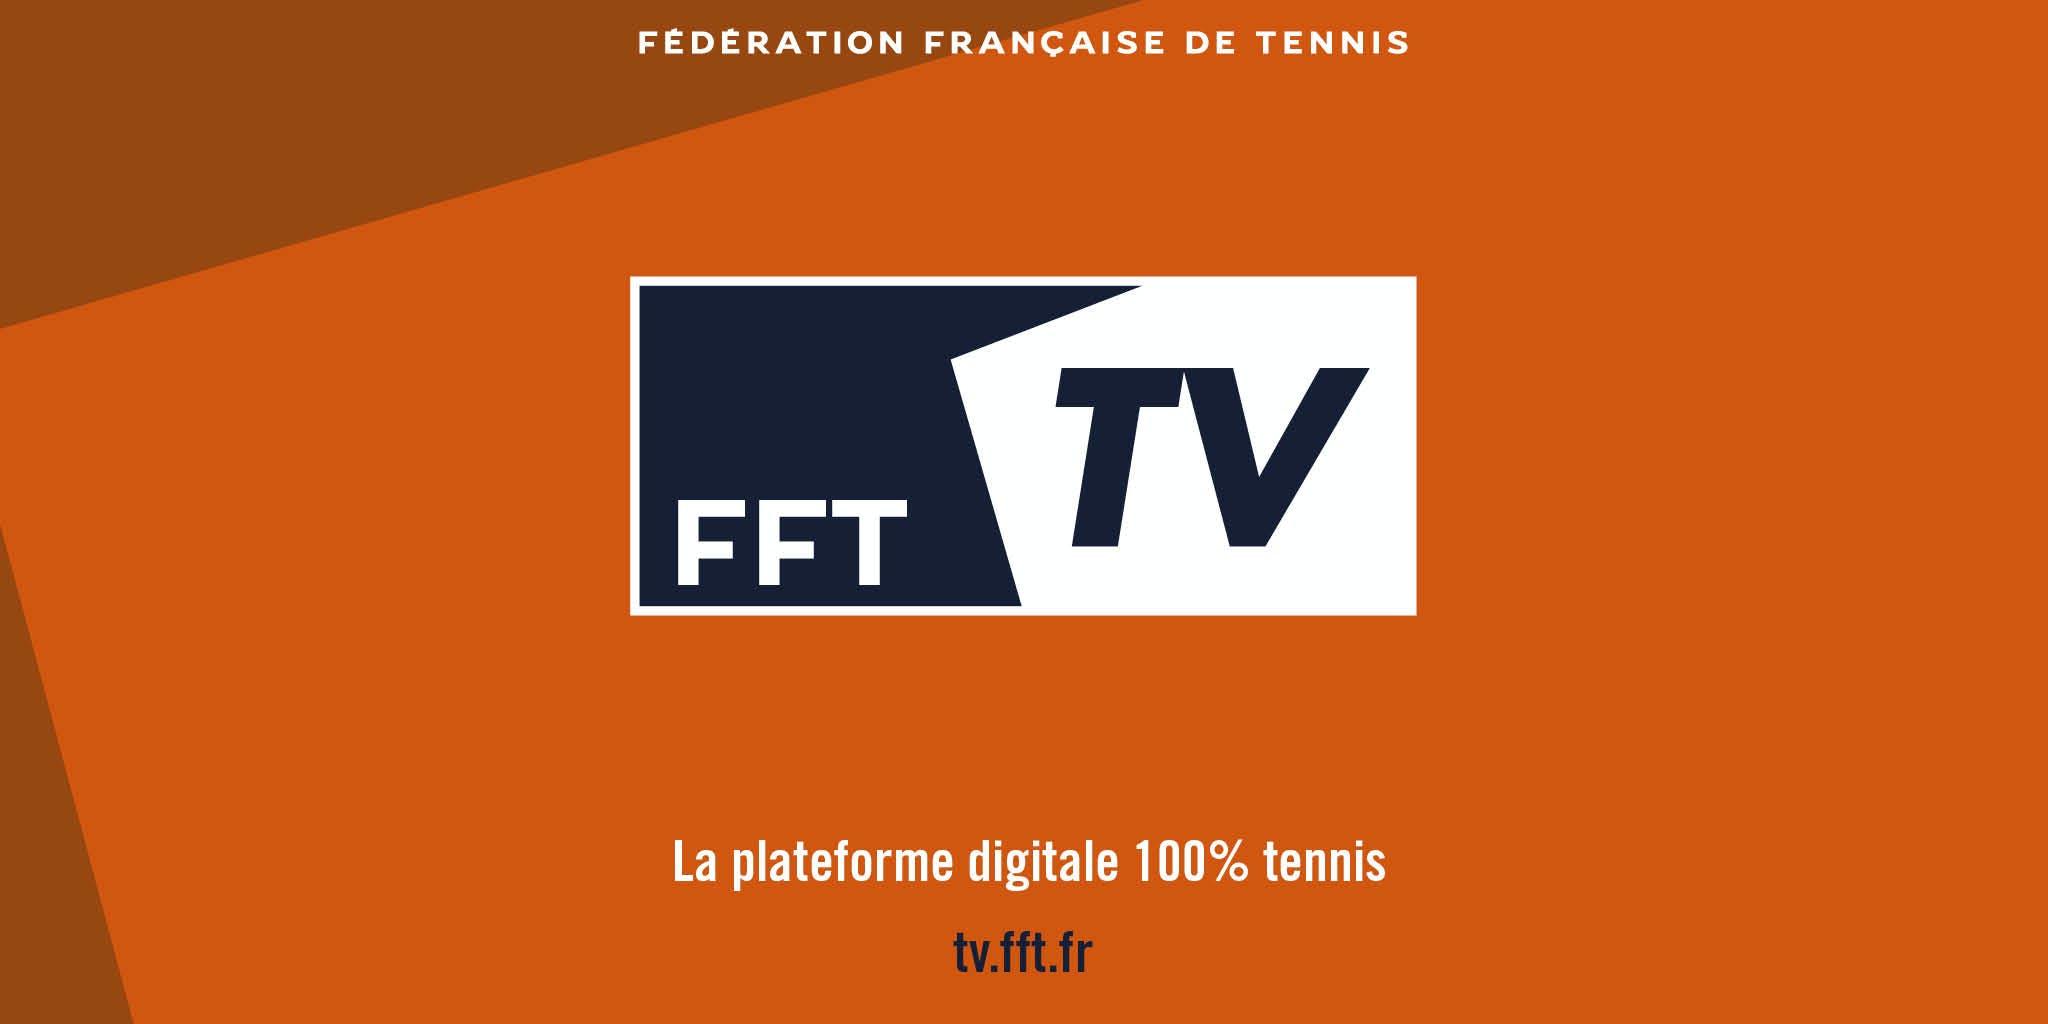 Visuel promo FFT TV